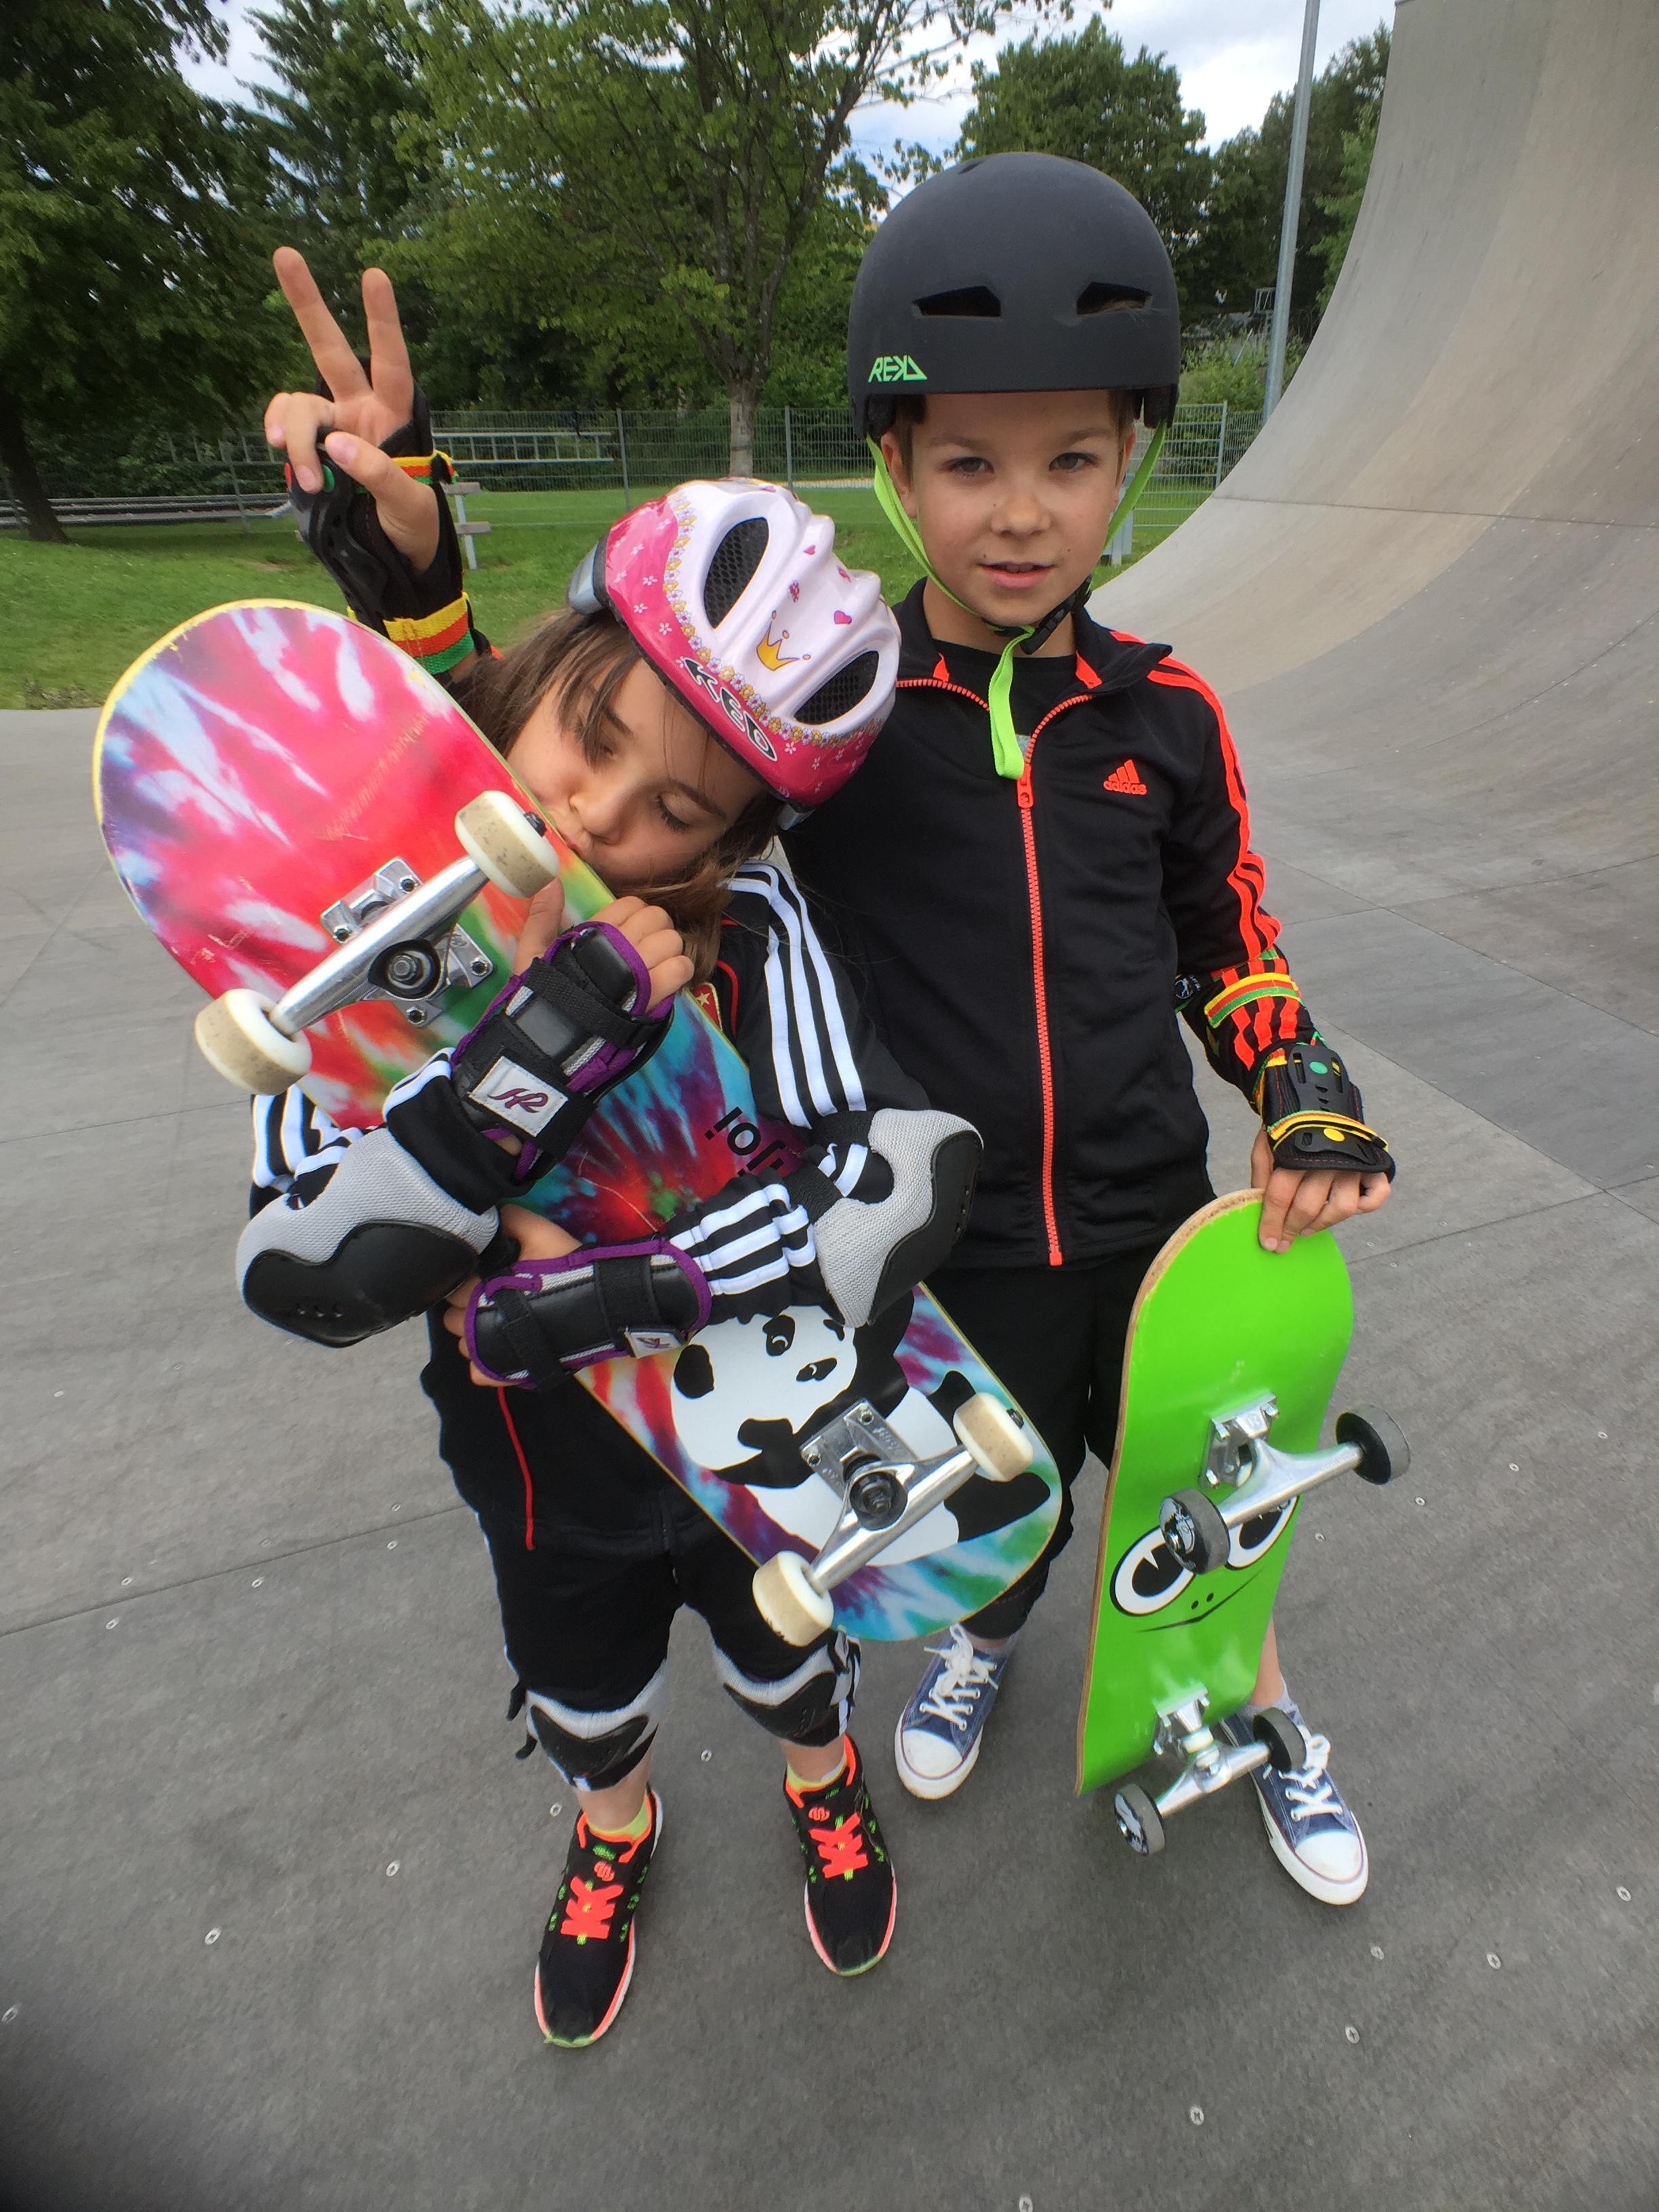 Skatekurs Pullach Skatepark München Skateworkshop TomCatSkate.com.JPG